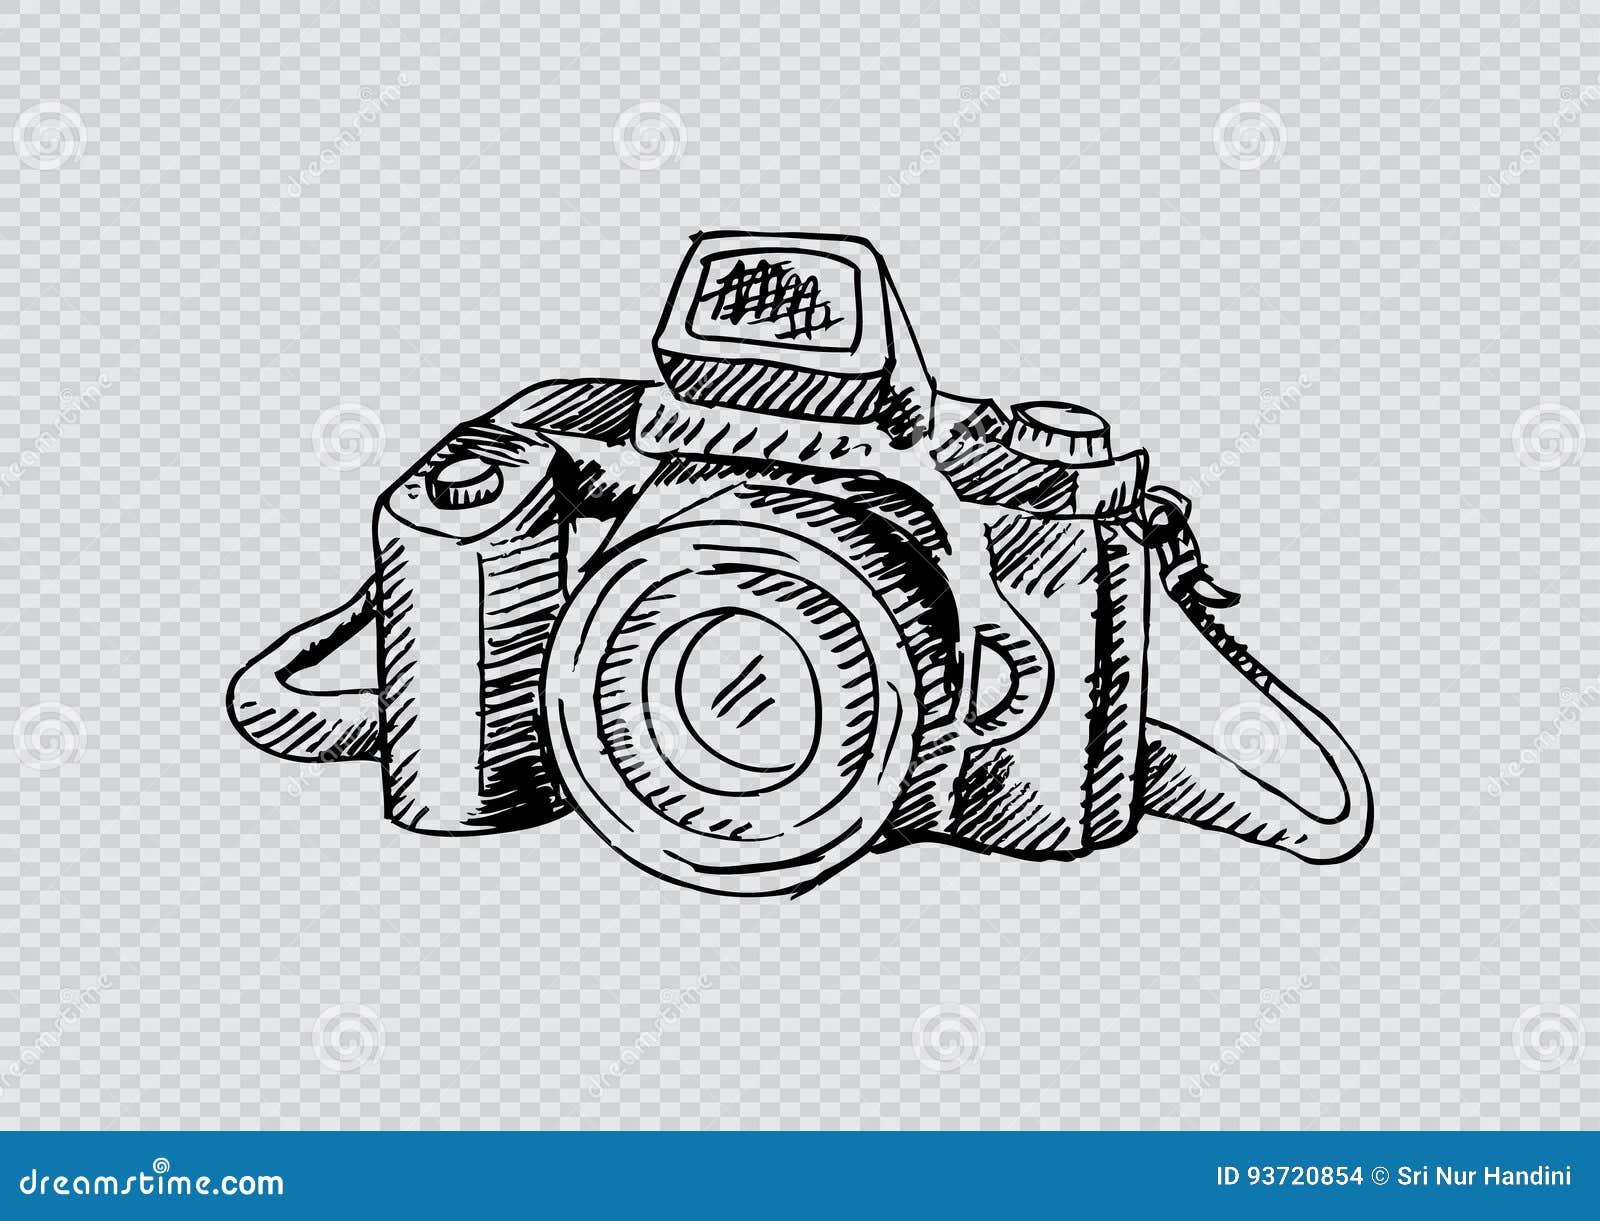 Dessin Appareil Photo rétro appareil-photo de photo illustration de dessin de main